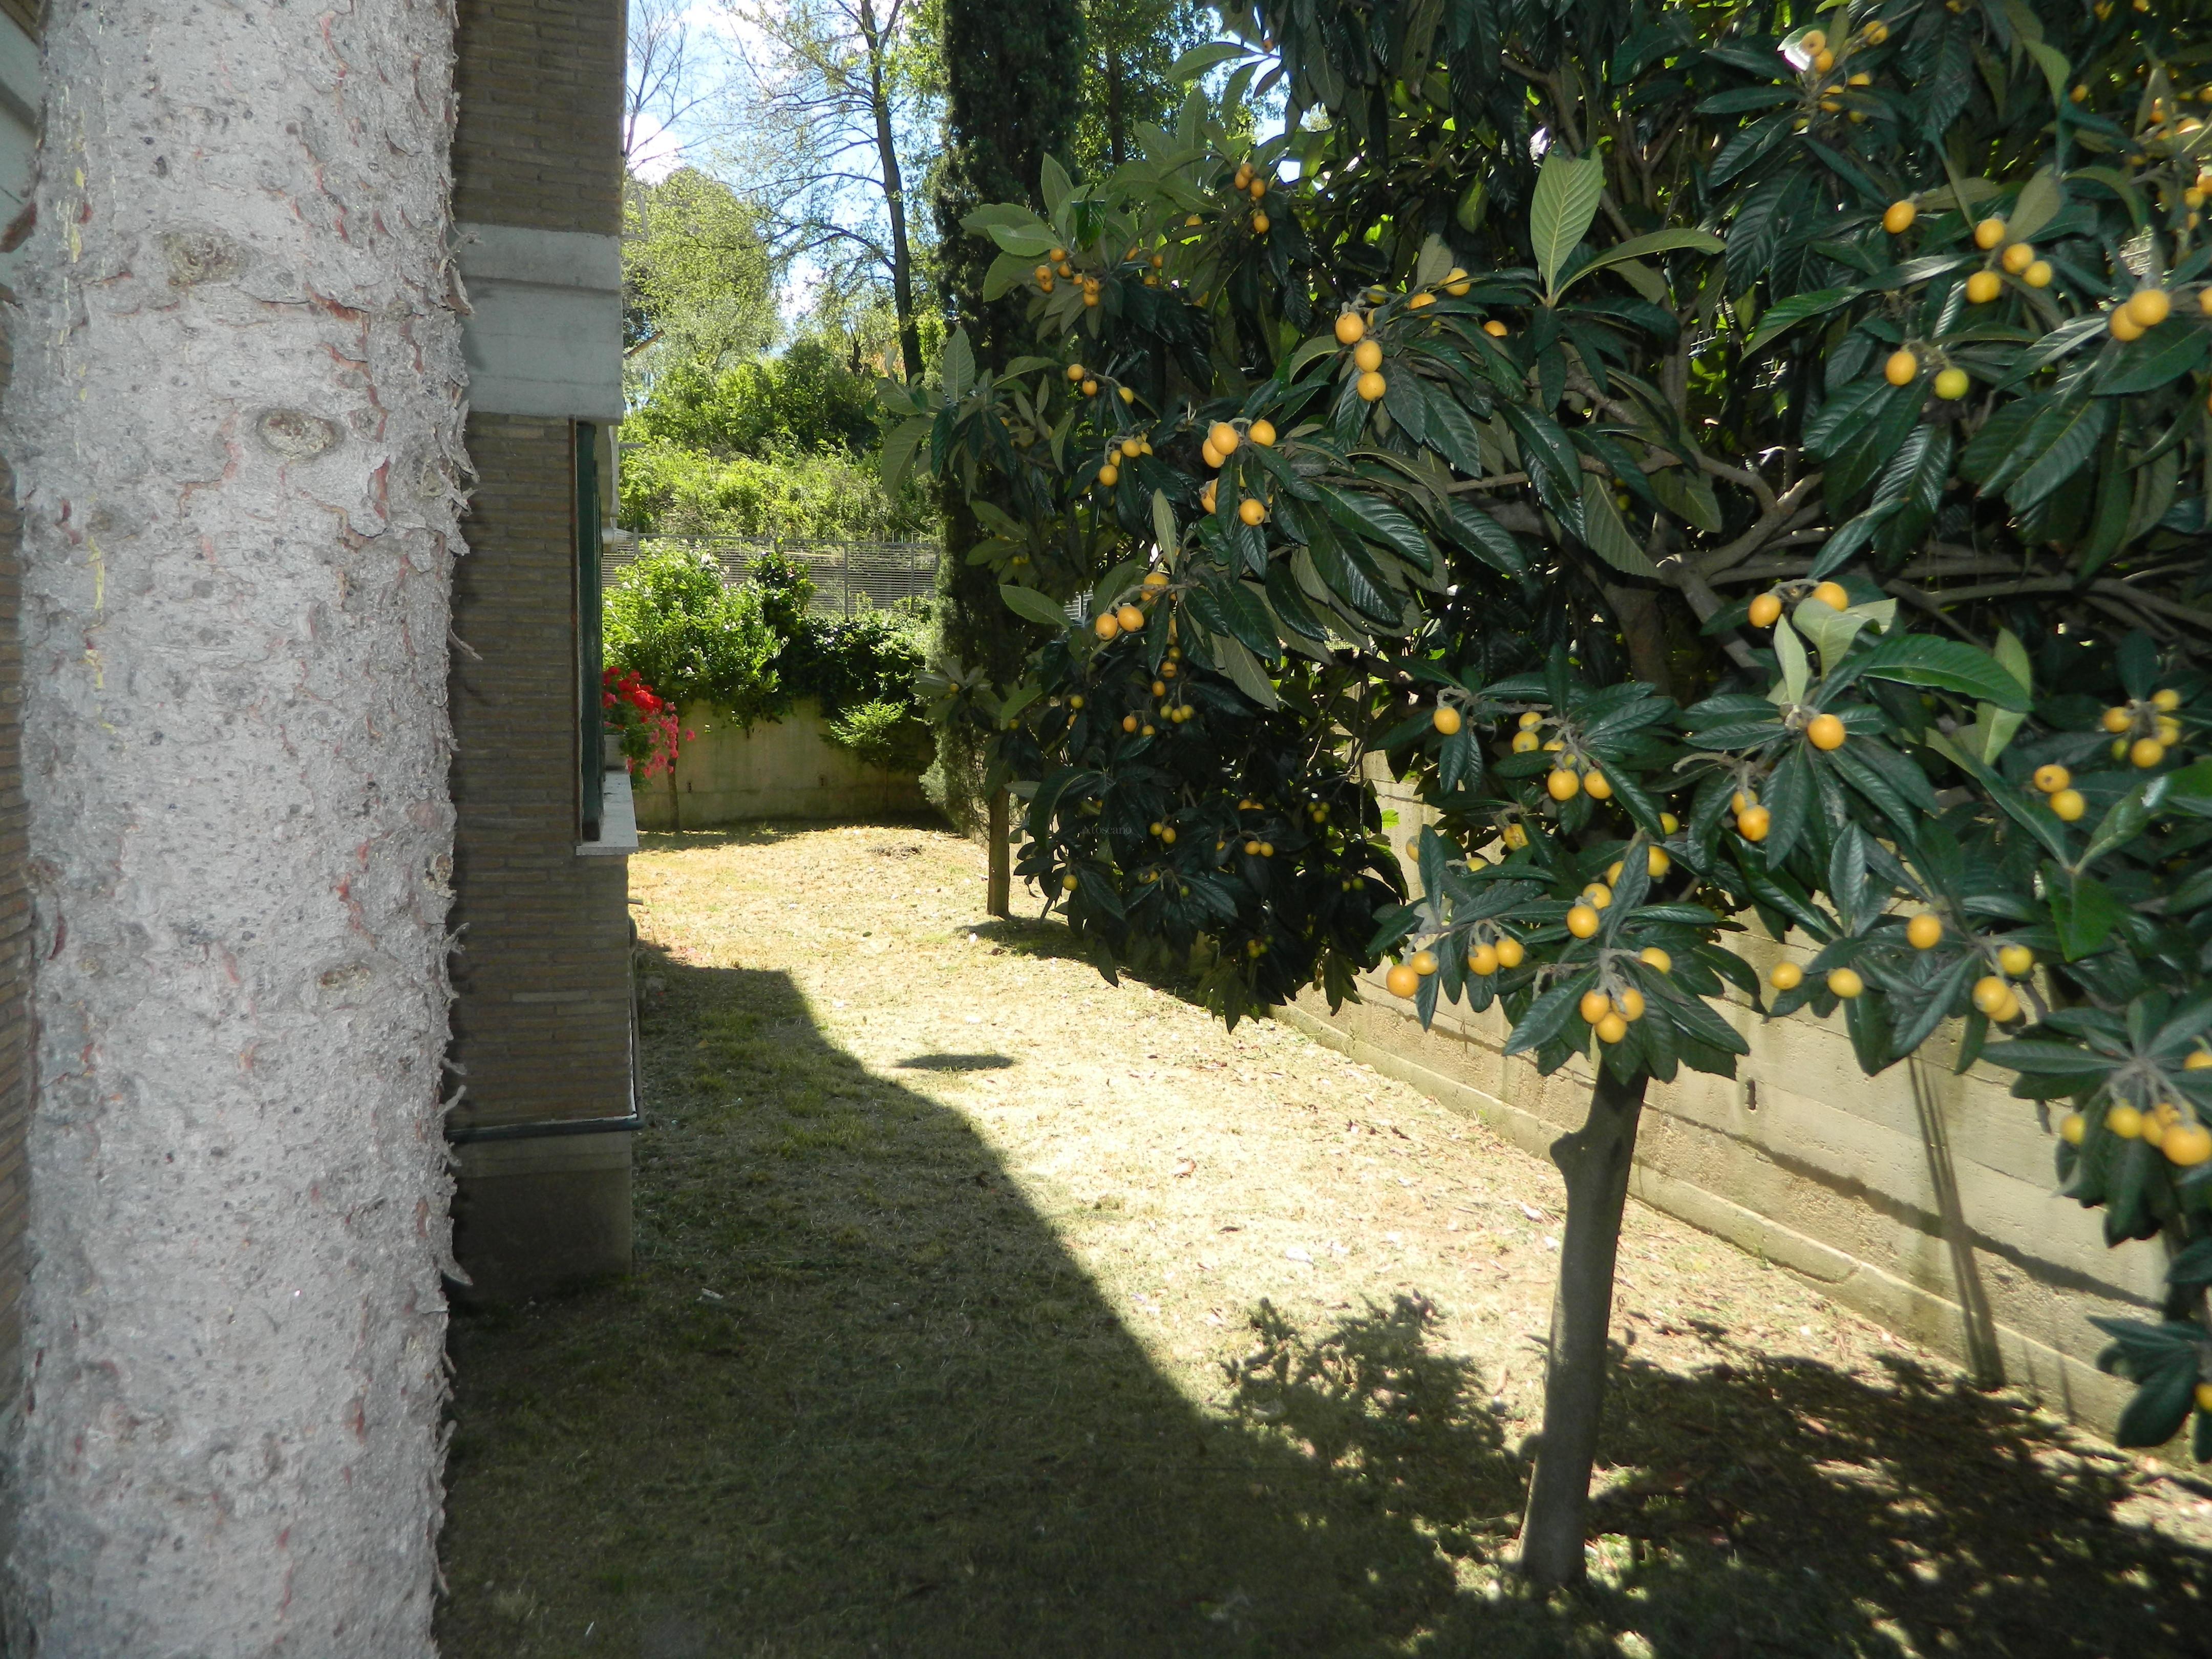 Casa a Roma in Via Dei Martuzzi (zona Portuense, Magliana)